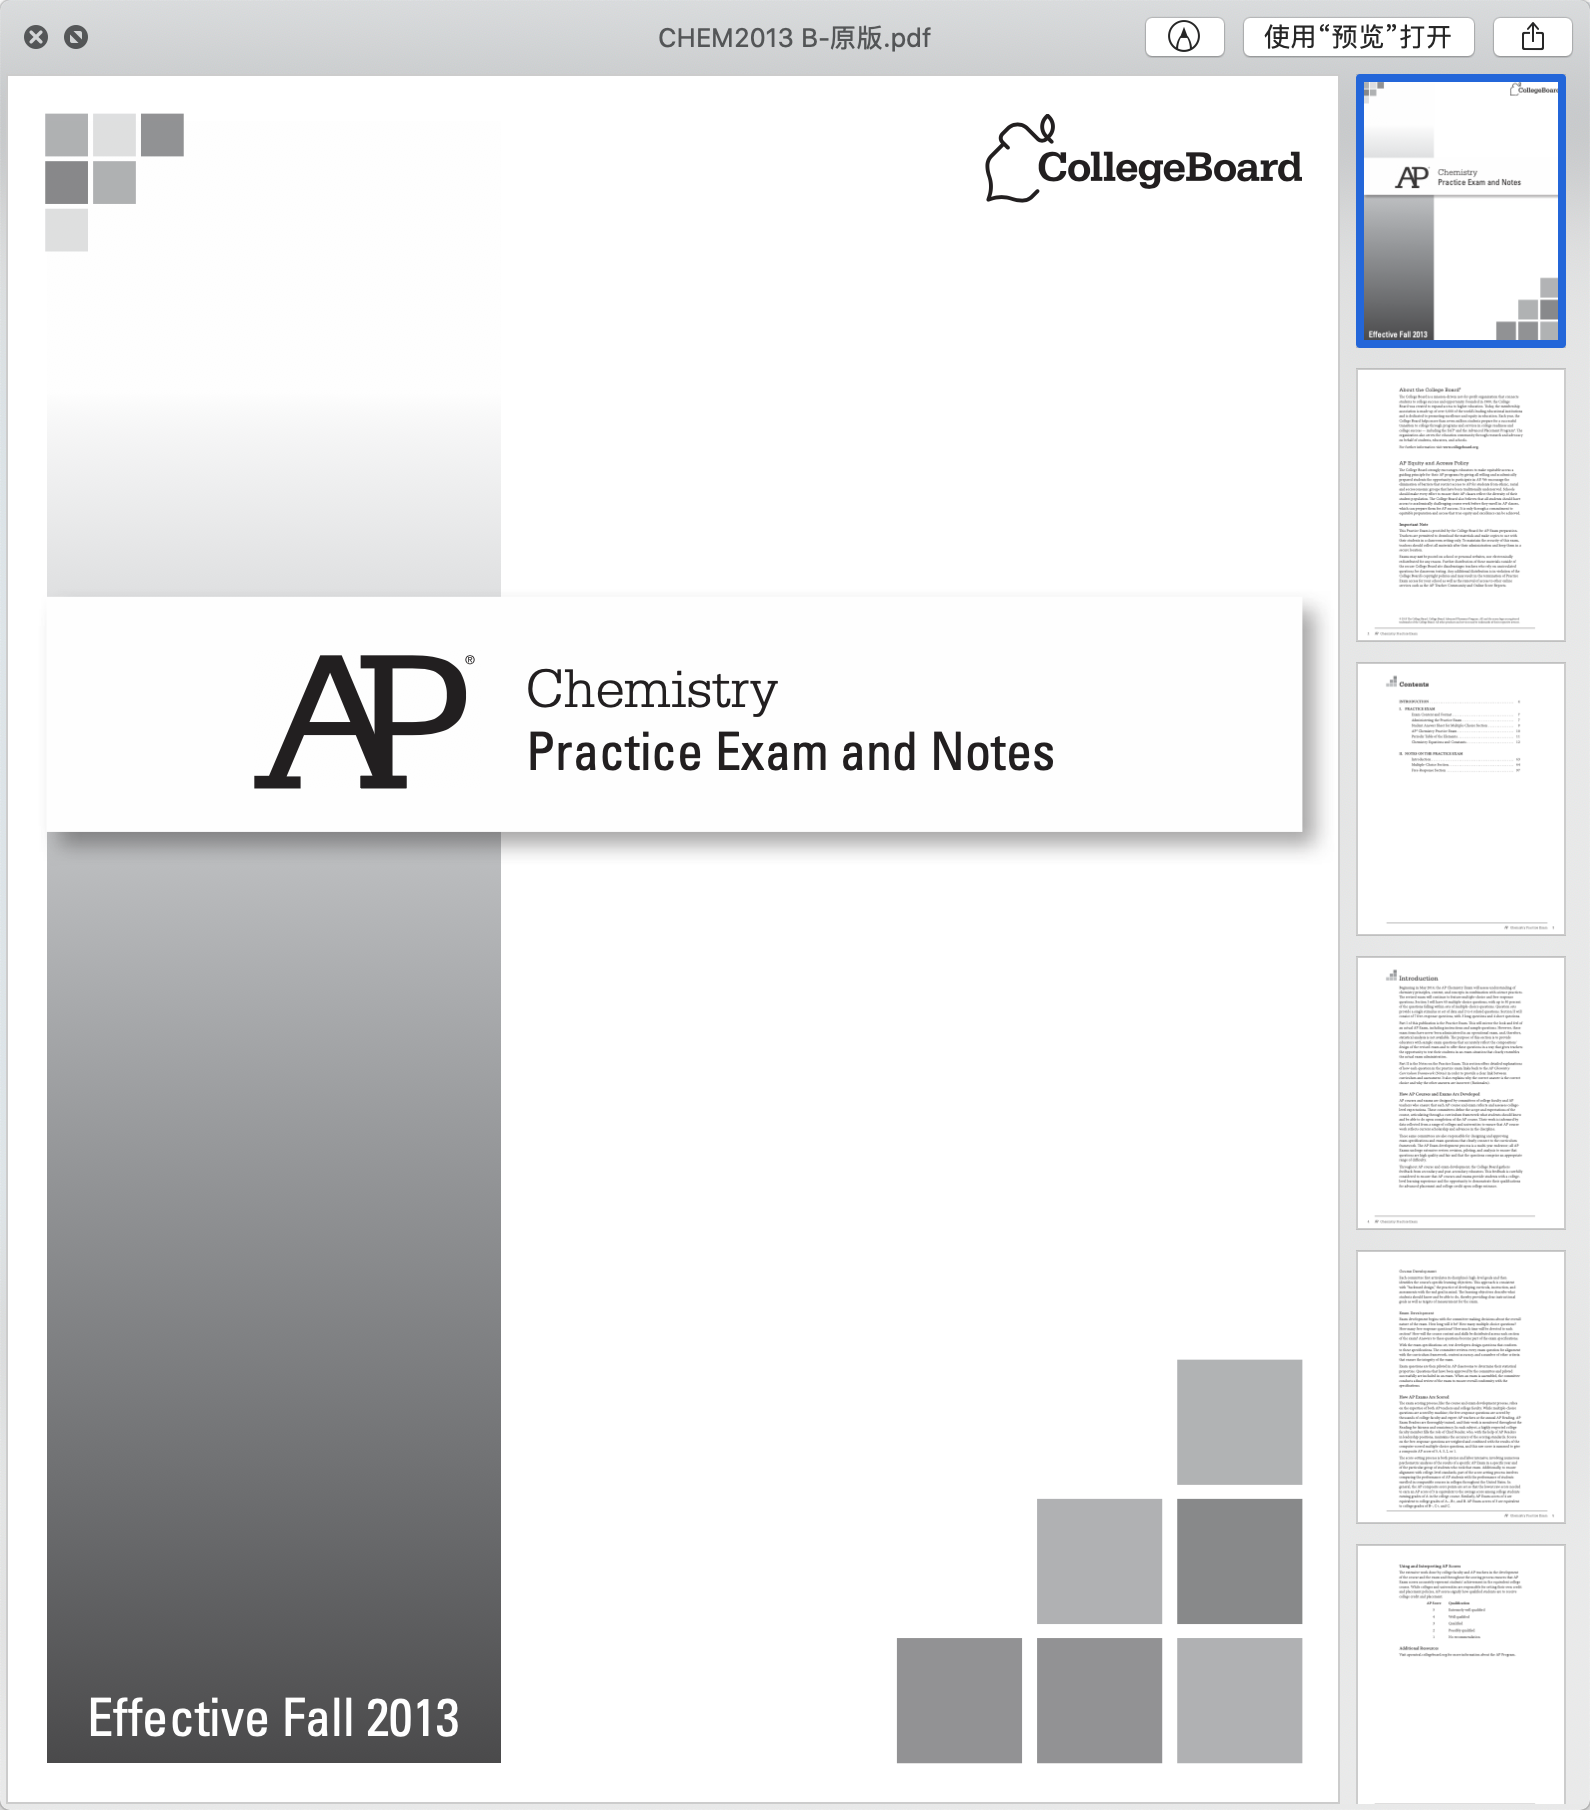 2013年AP化学真题下载-选择题下载